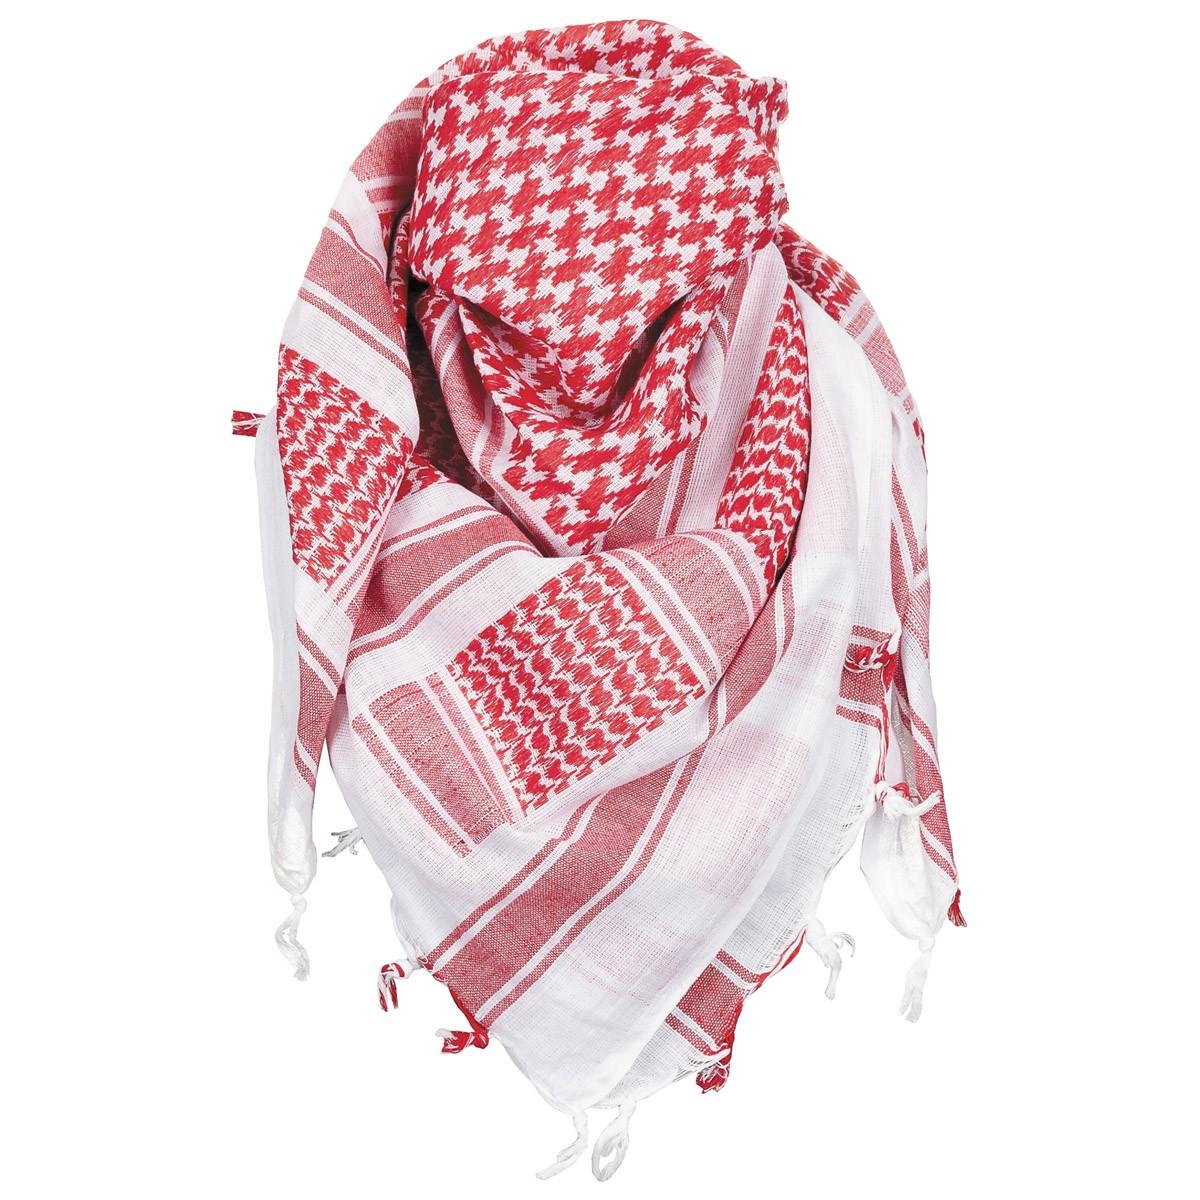 Šátek Shemagh MFH - červený-bílý